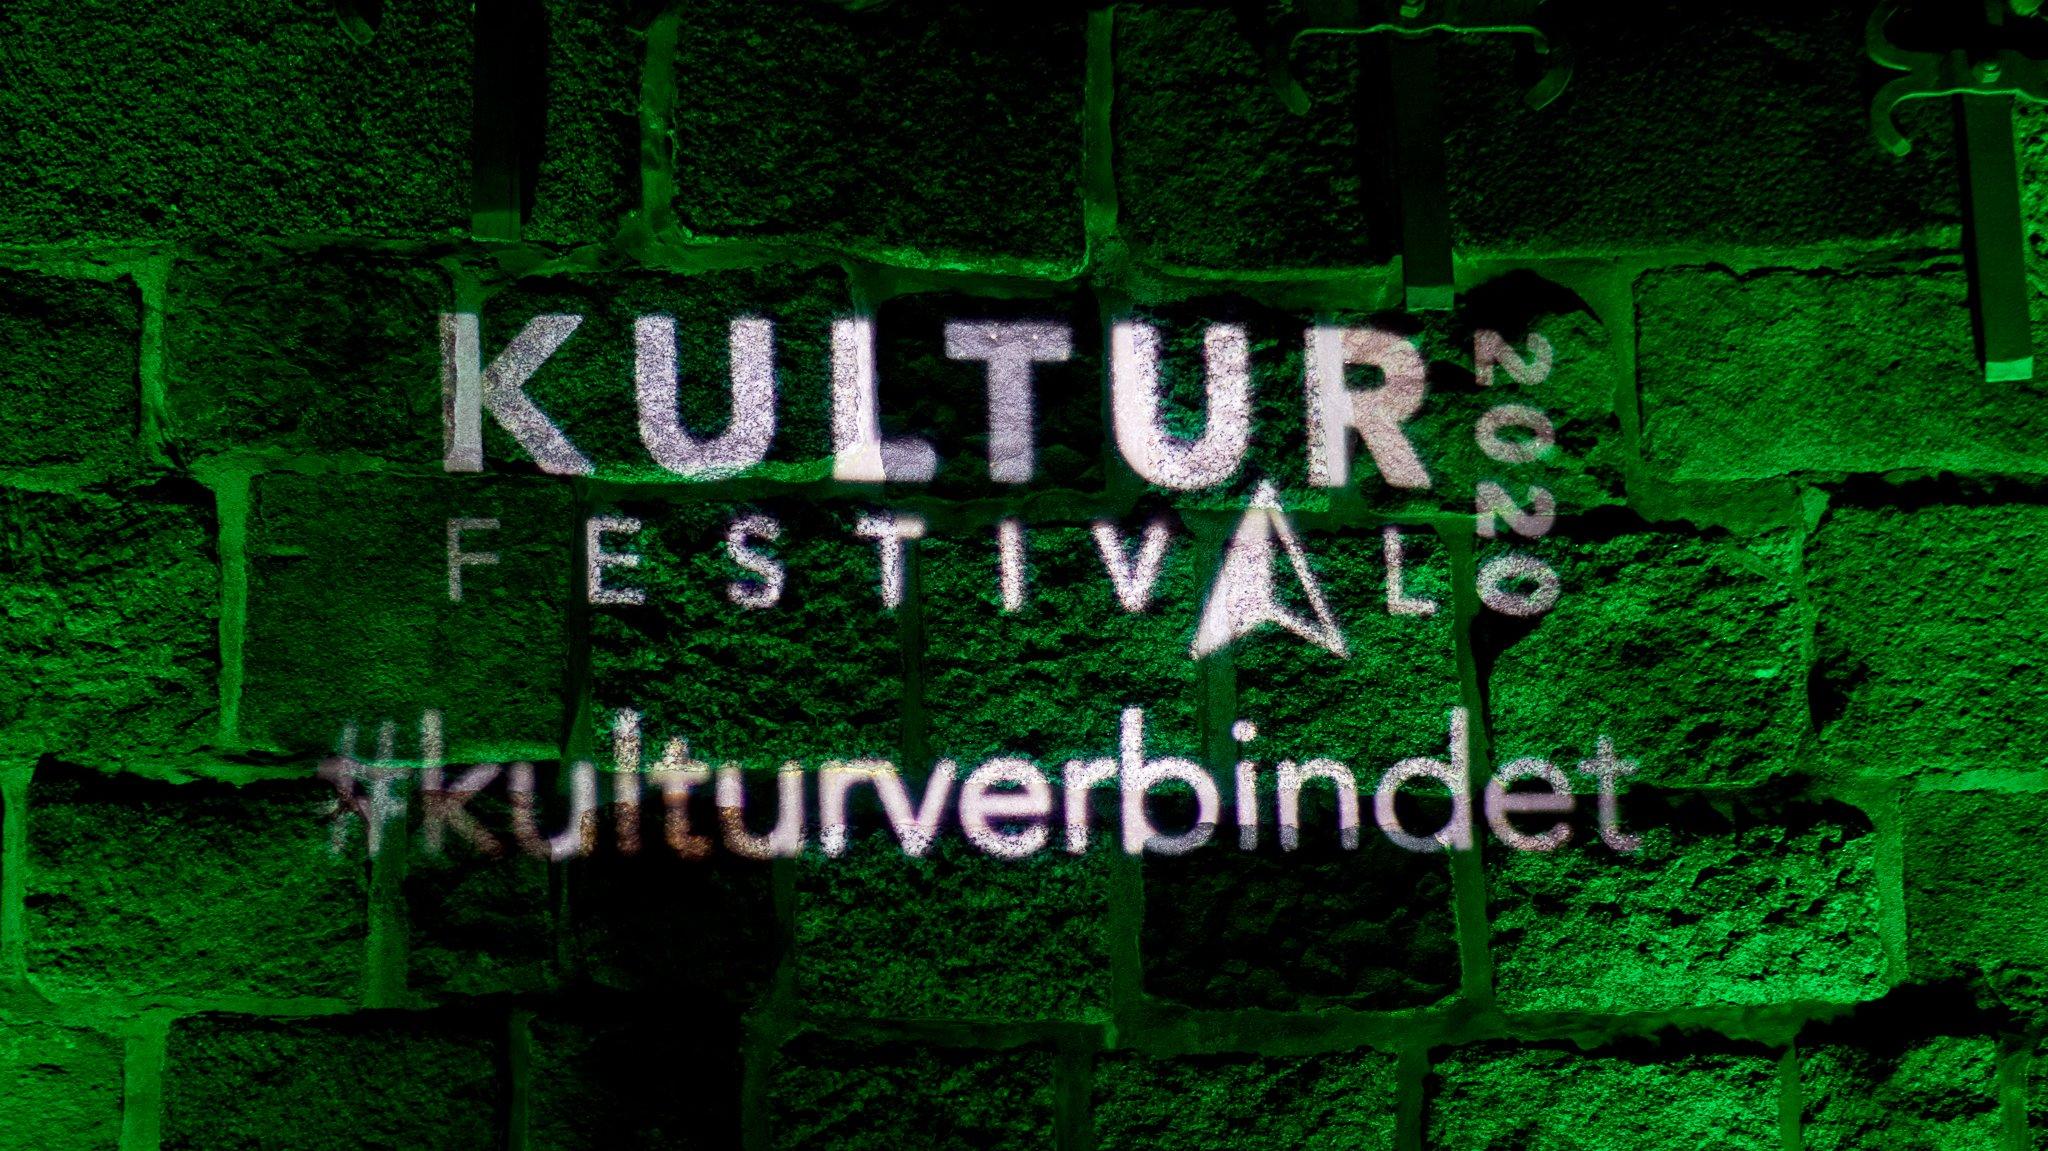 Das Kulturfestival-Logo auf einer grün illuminierten Mauer.